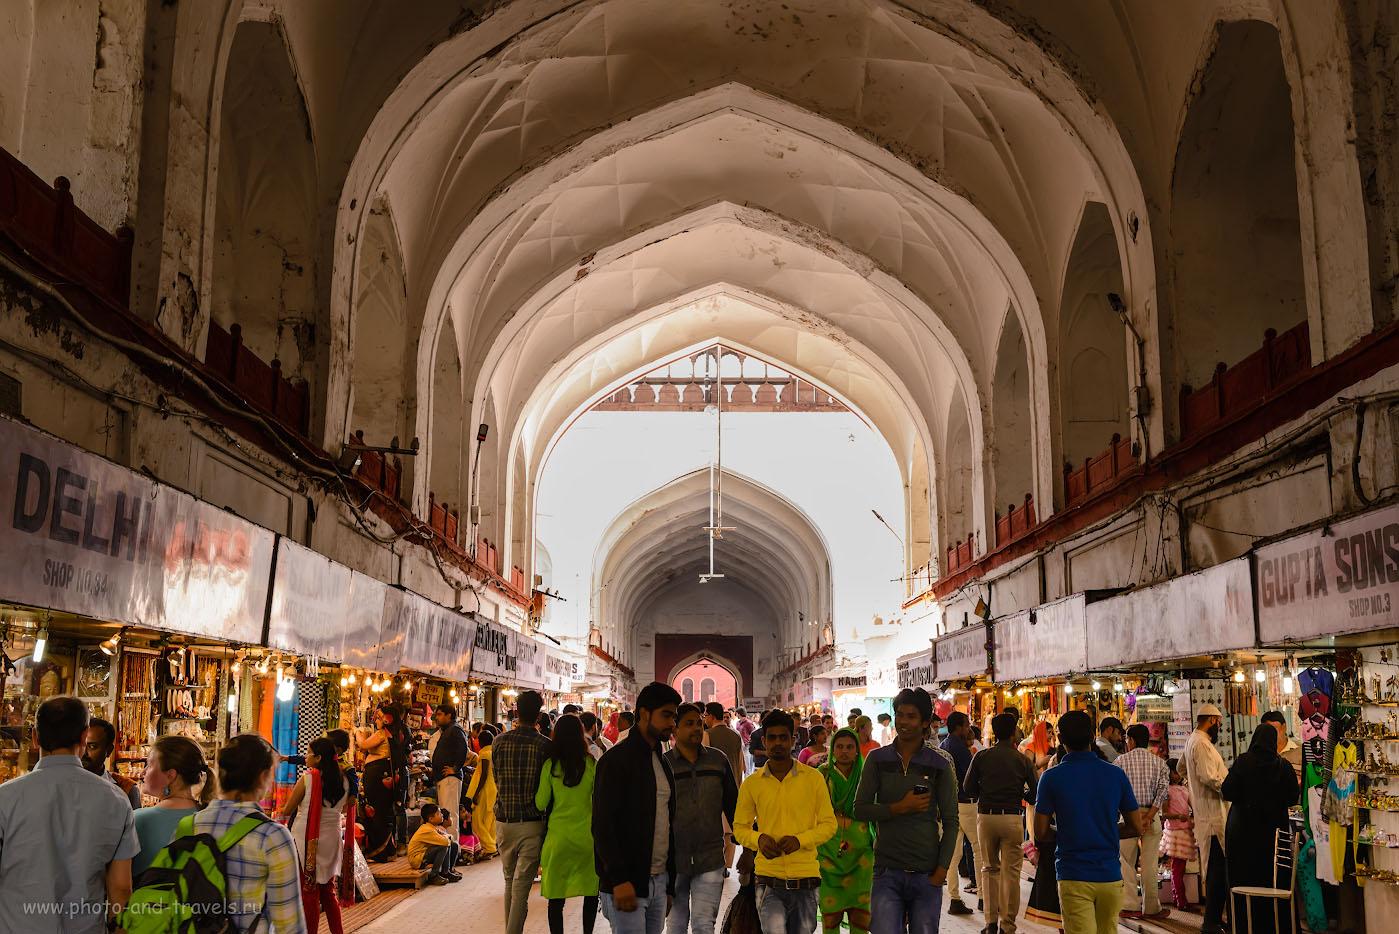 Фотография 21. Сувенирные ряды в Красном форте. Отчет о поездке в Дели. 1/80, -0.67, 8.0, 640, 35.